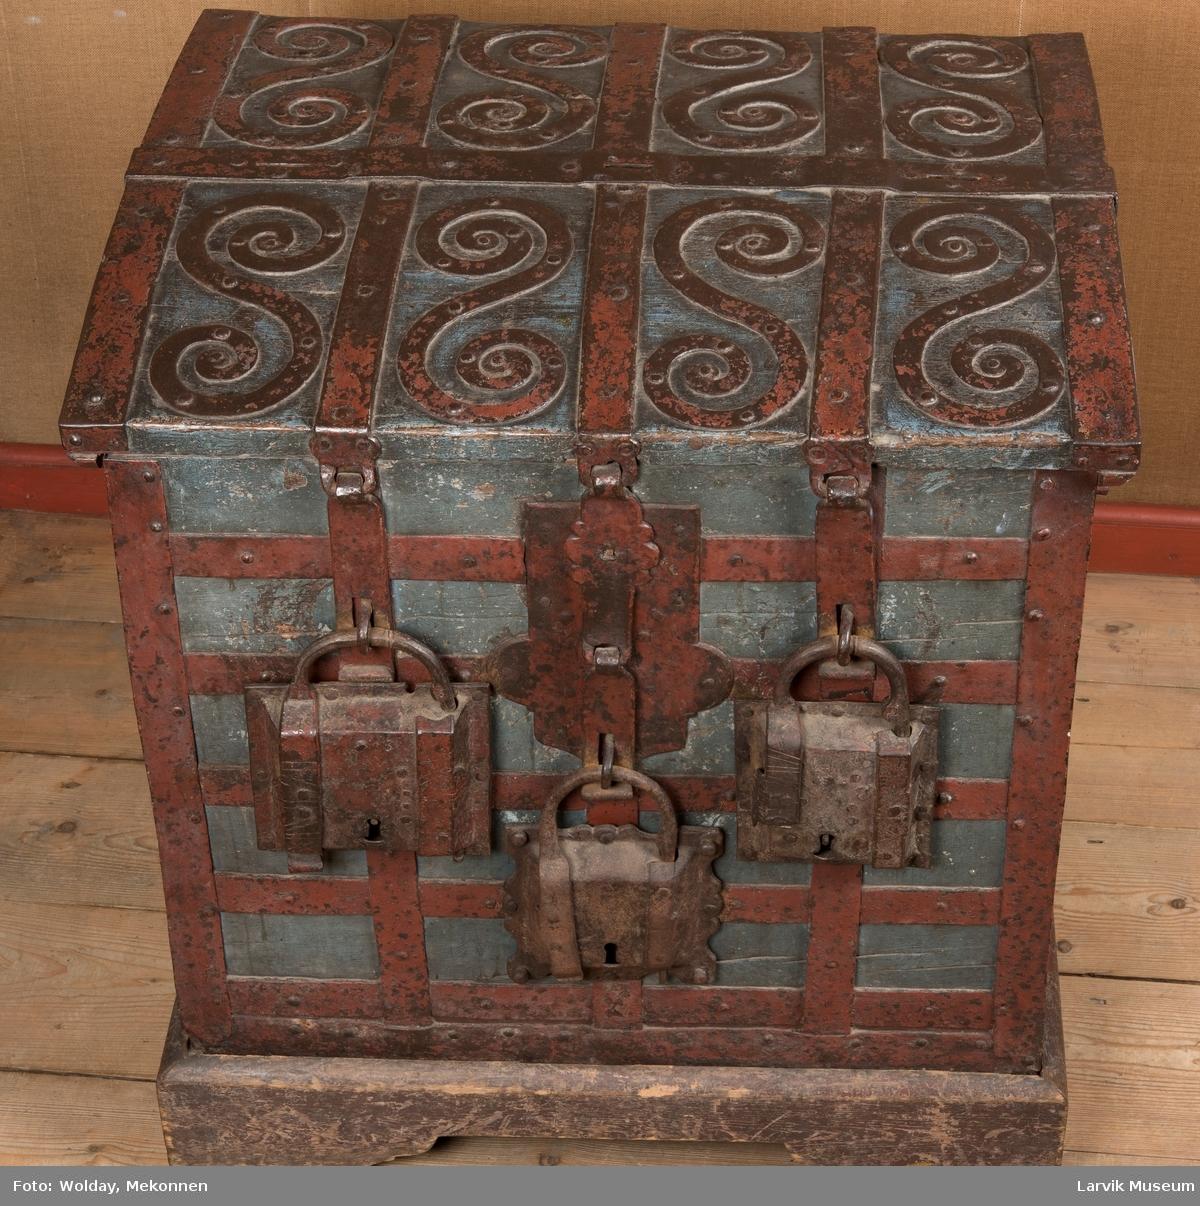 Kiste med buet lokk, beslått med rette, krysslagte  jernbånd. 8 dobbeltspiraler av jern på oversiden av kistelokket. 1 lås og 3 hengelåser på ene siden. 1 håndtak på hver kortside.